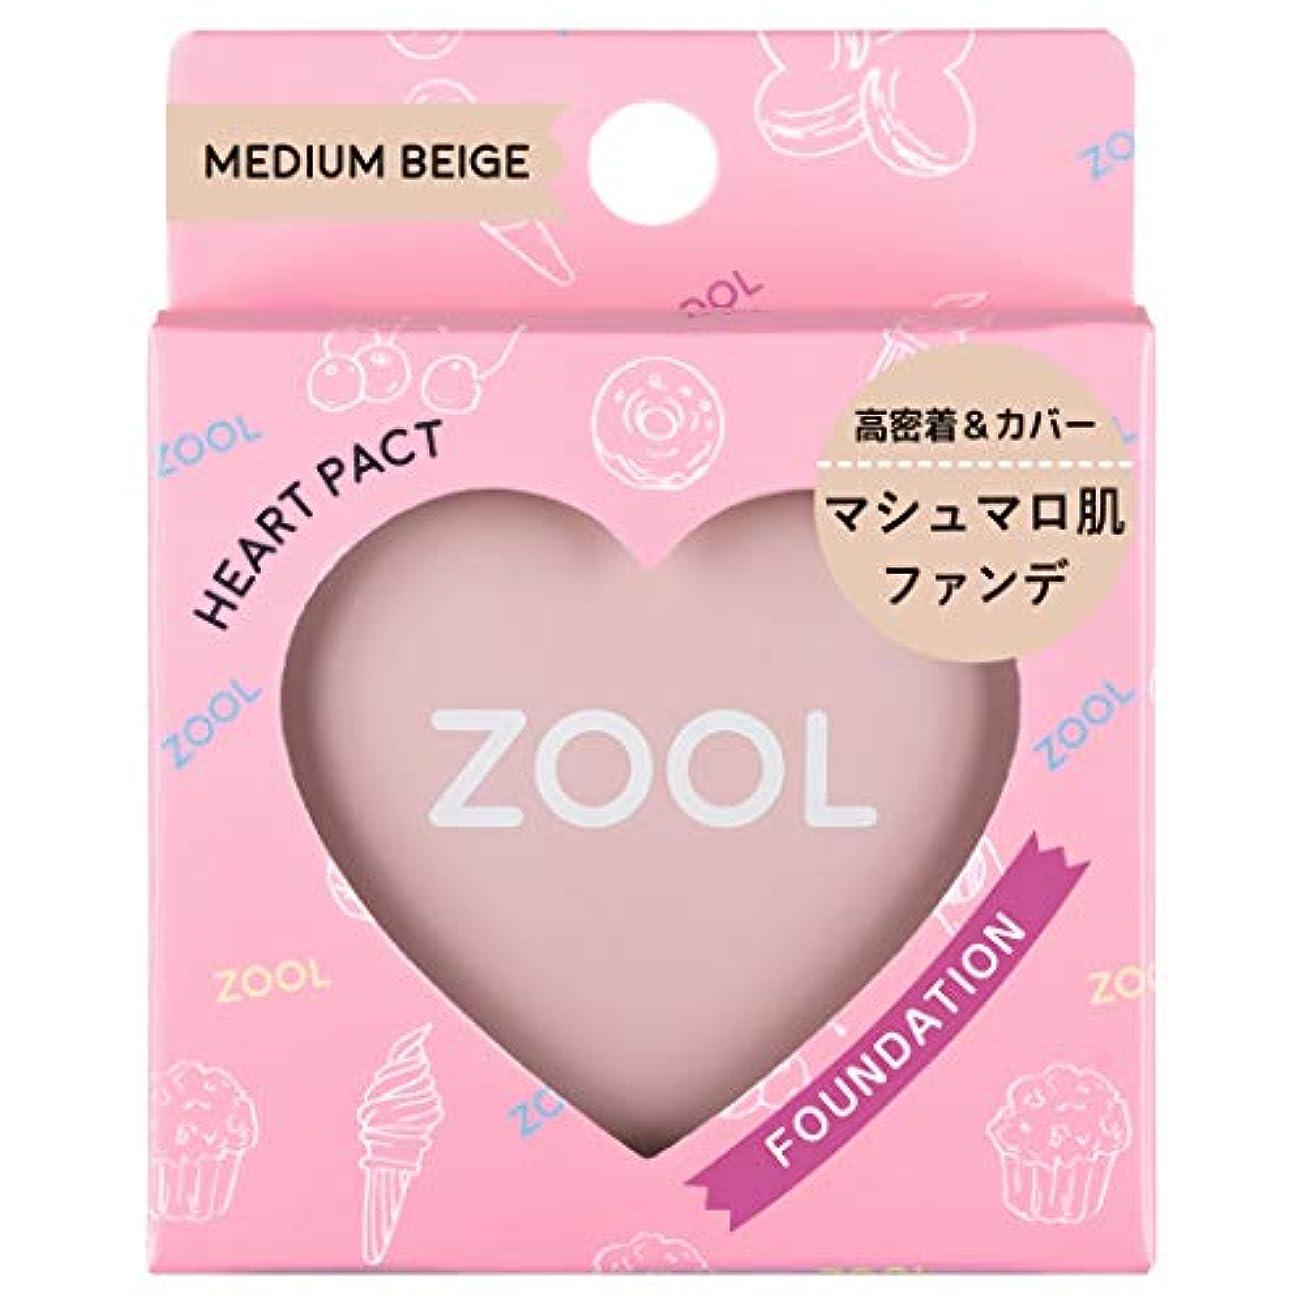 ギャングスターアベニュー富ZOOL (ズール) ハートパクト ミディアムベージュ (ファンデ) (1個)